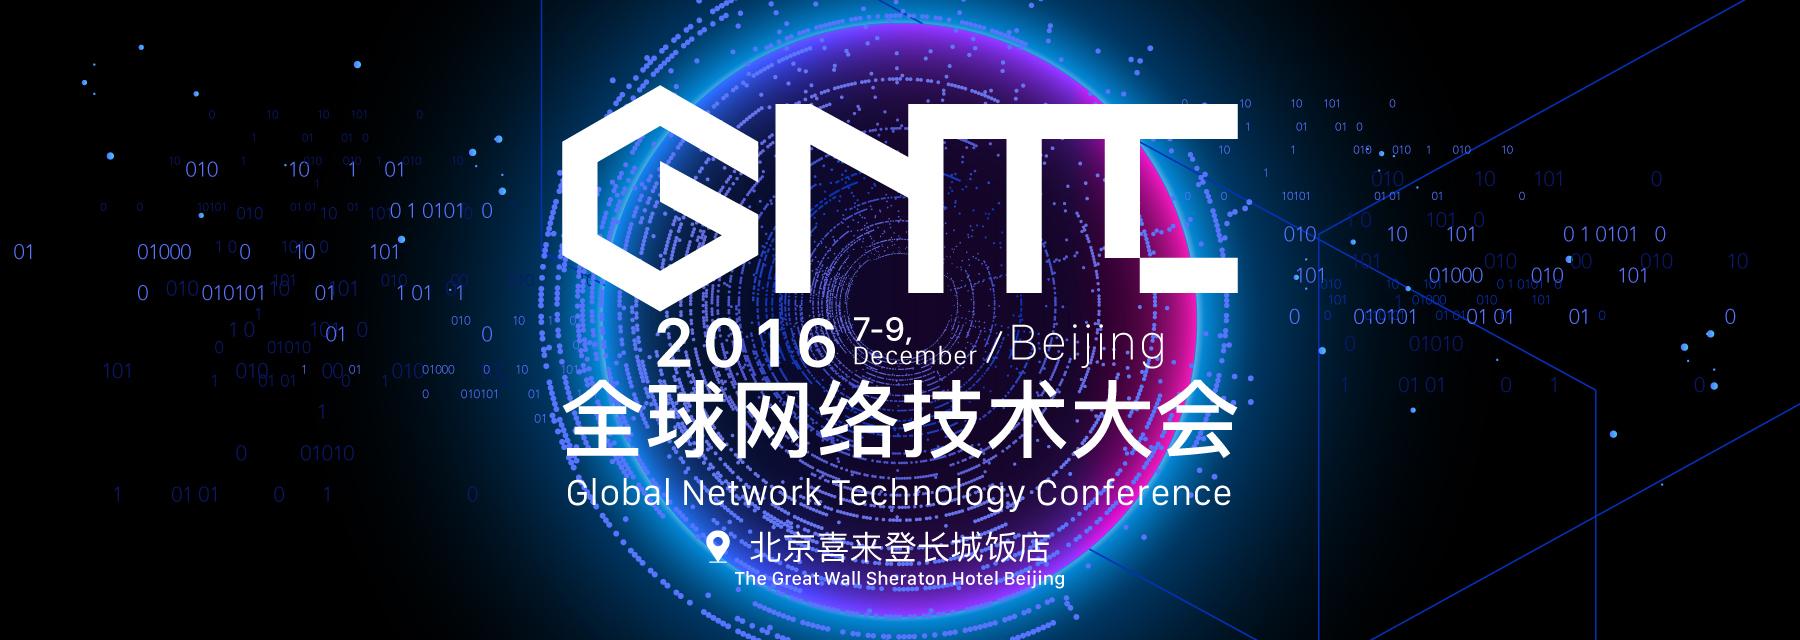 全球网络技术大会